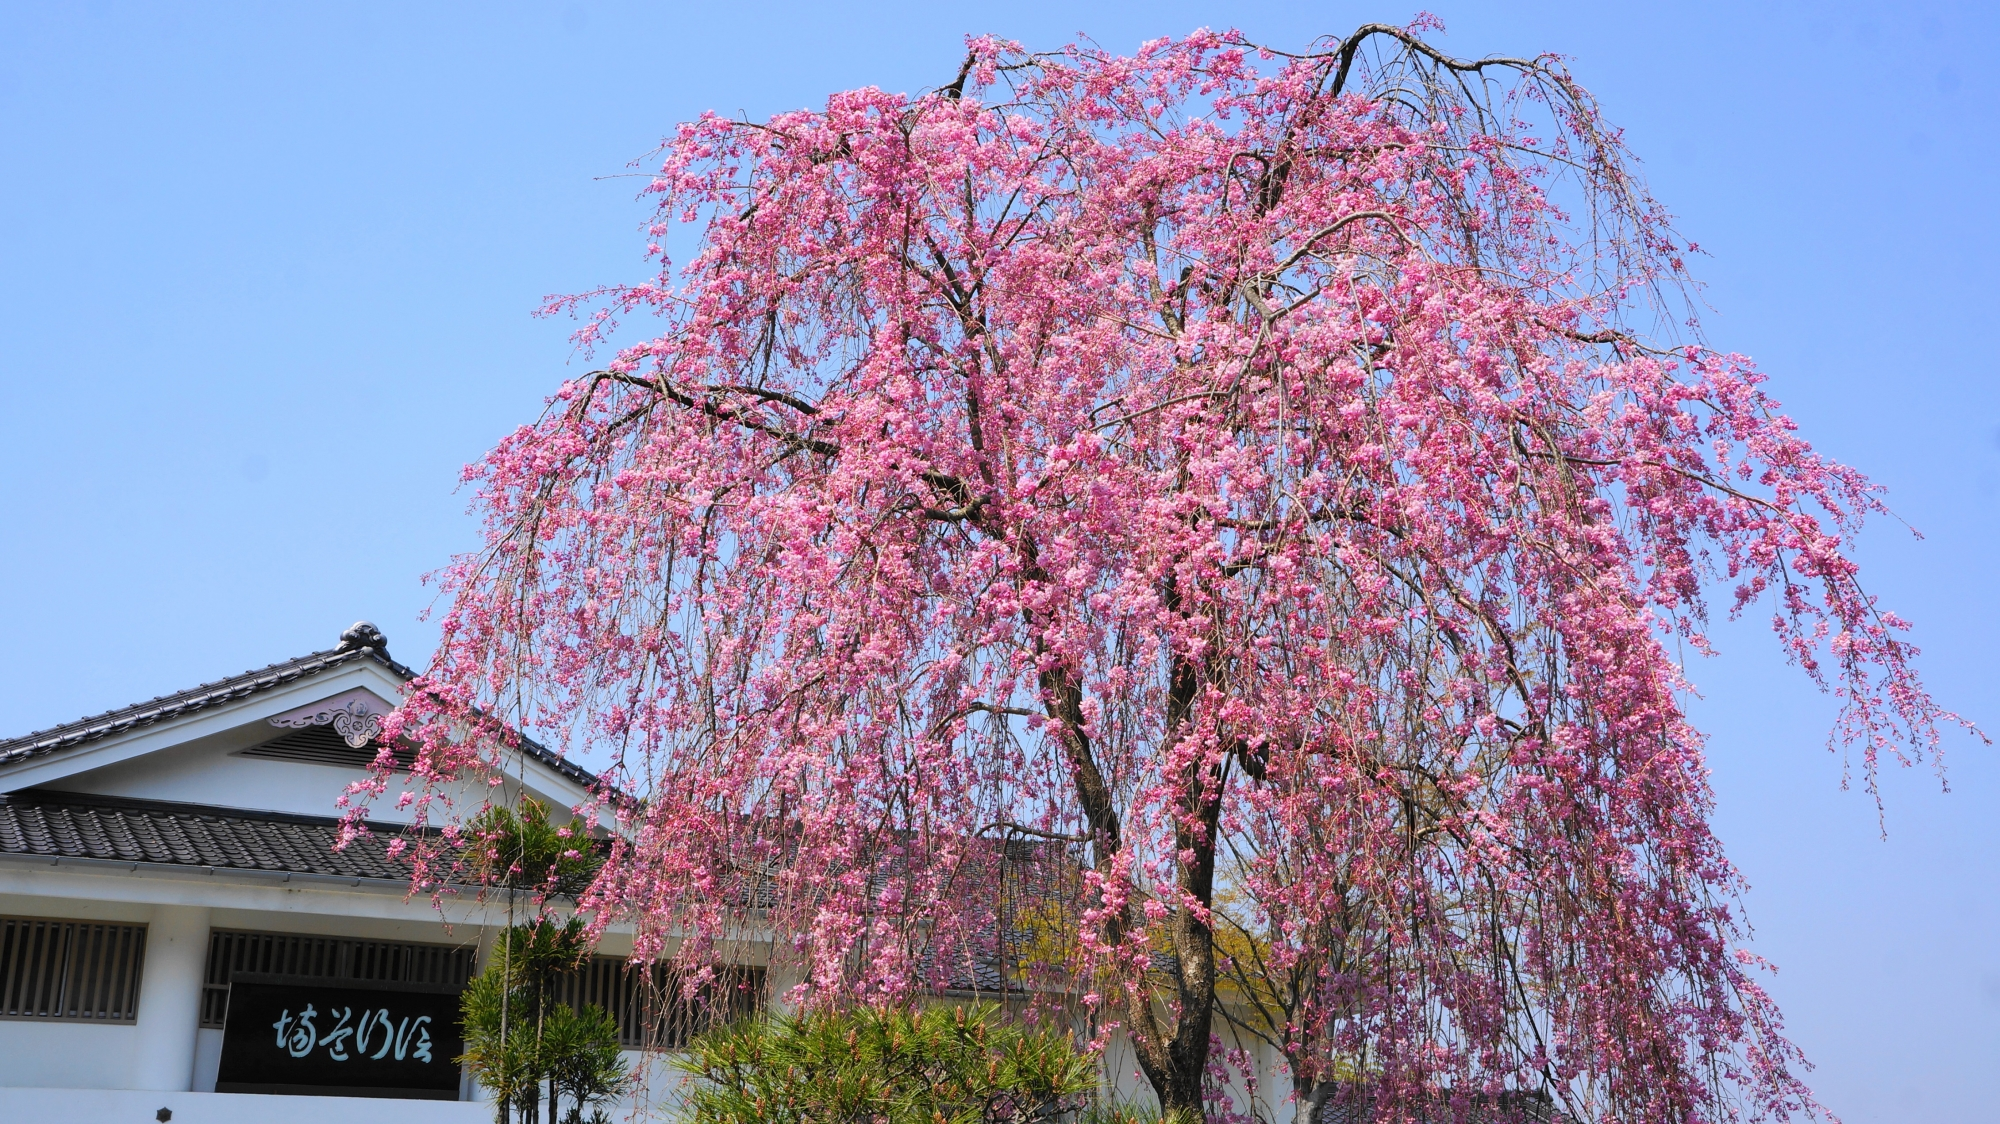 妙満寺の素晴らしい桜と春の情景